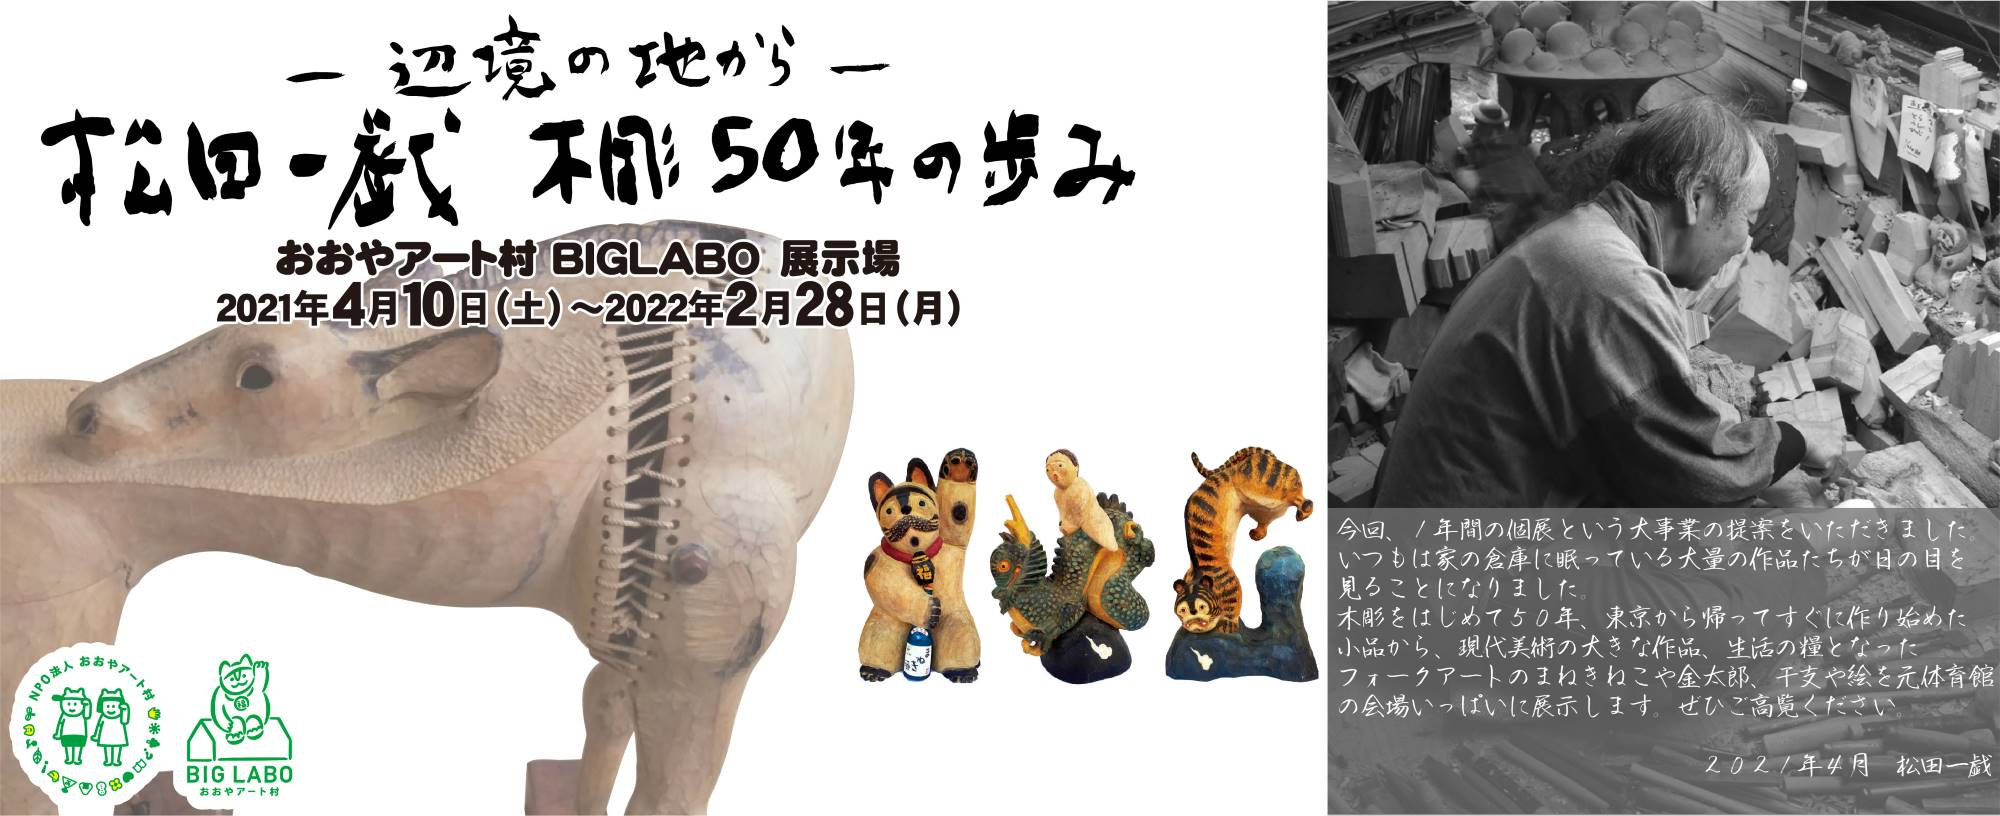 -辺境の地から- 松田一戯 木彫50周年の歩み